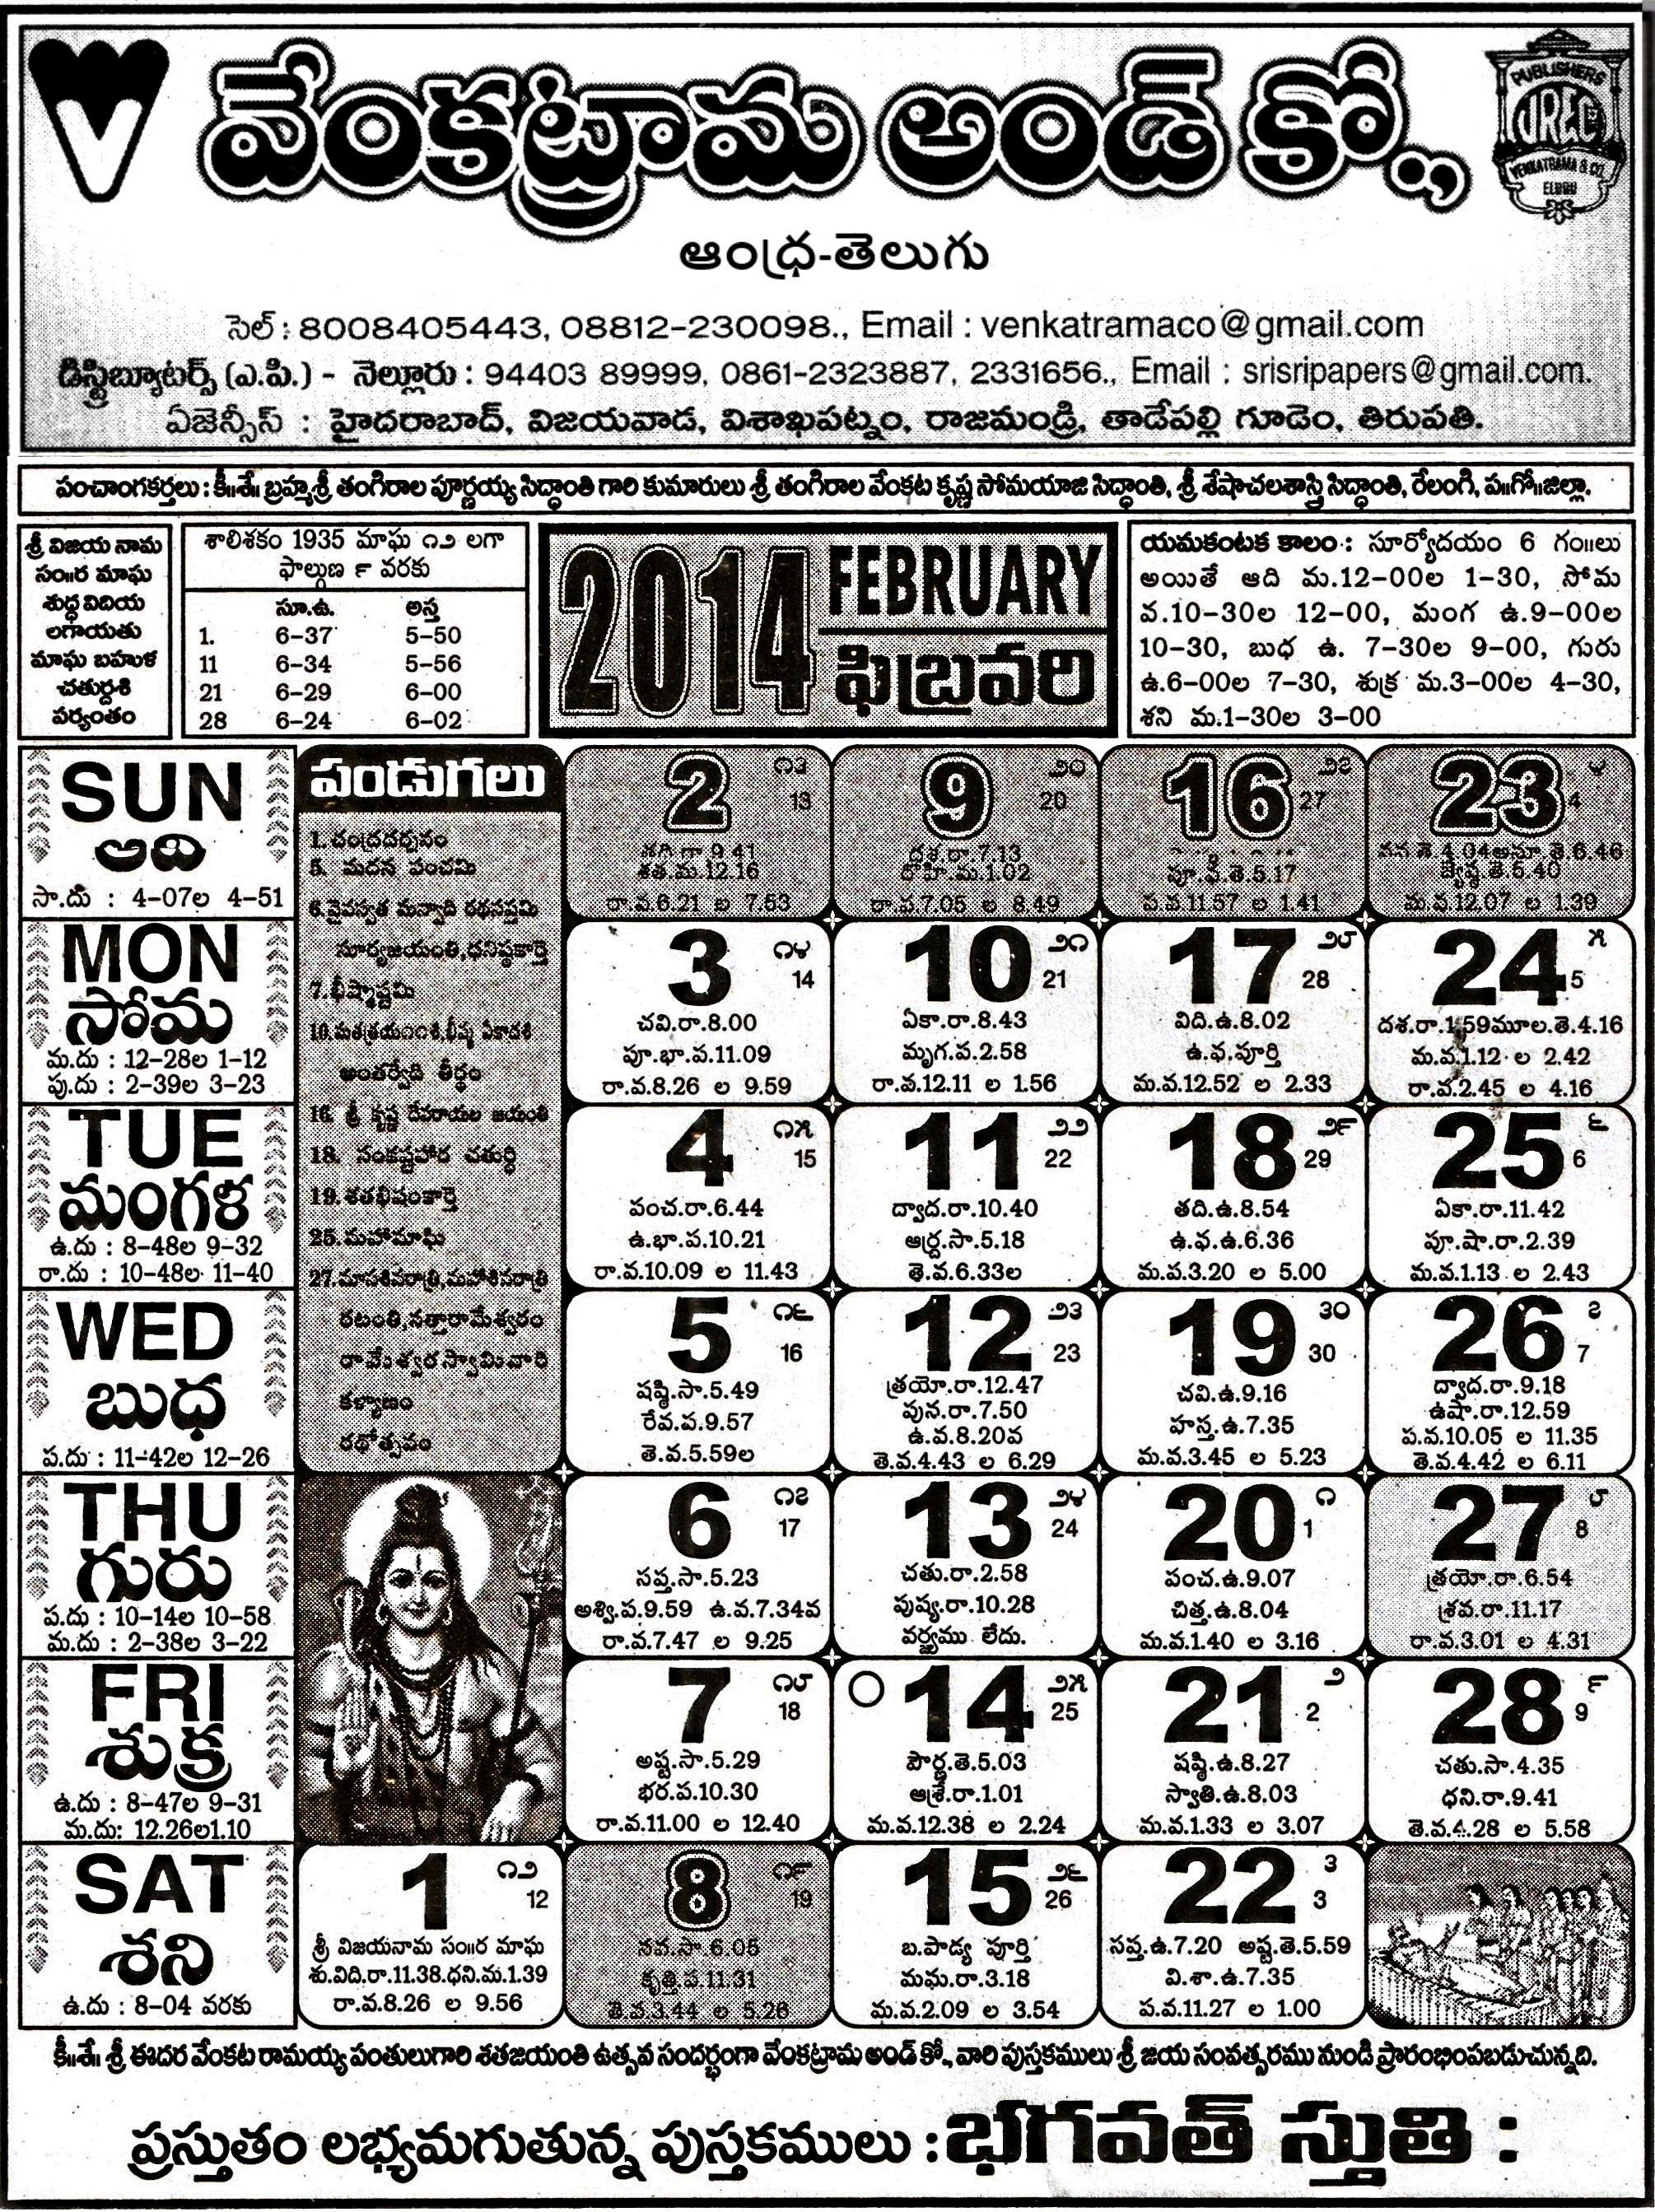 Bangalore Press Calendar 2014 Pdf